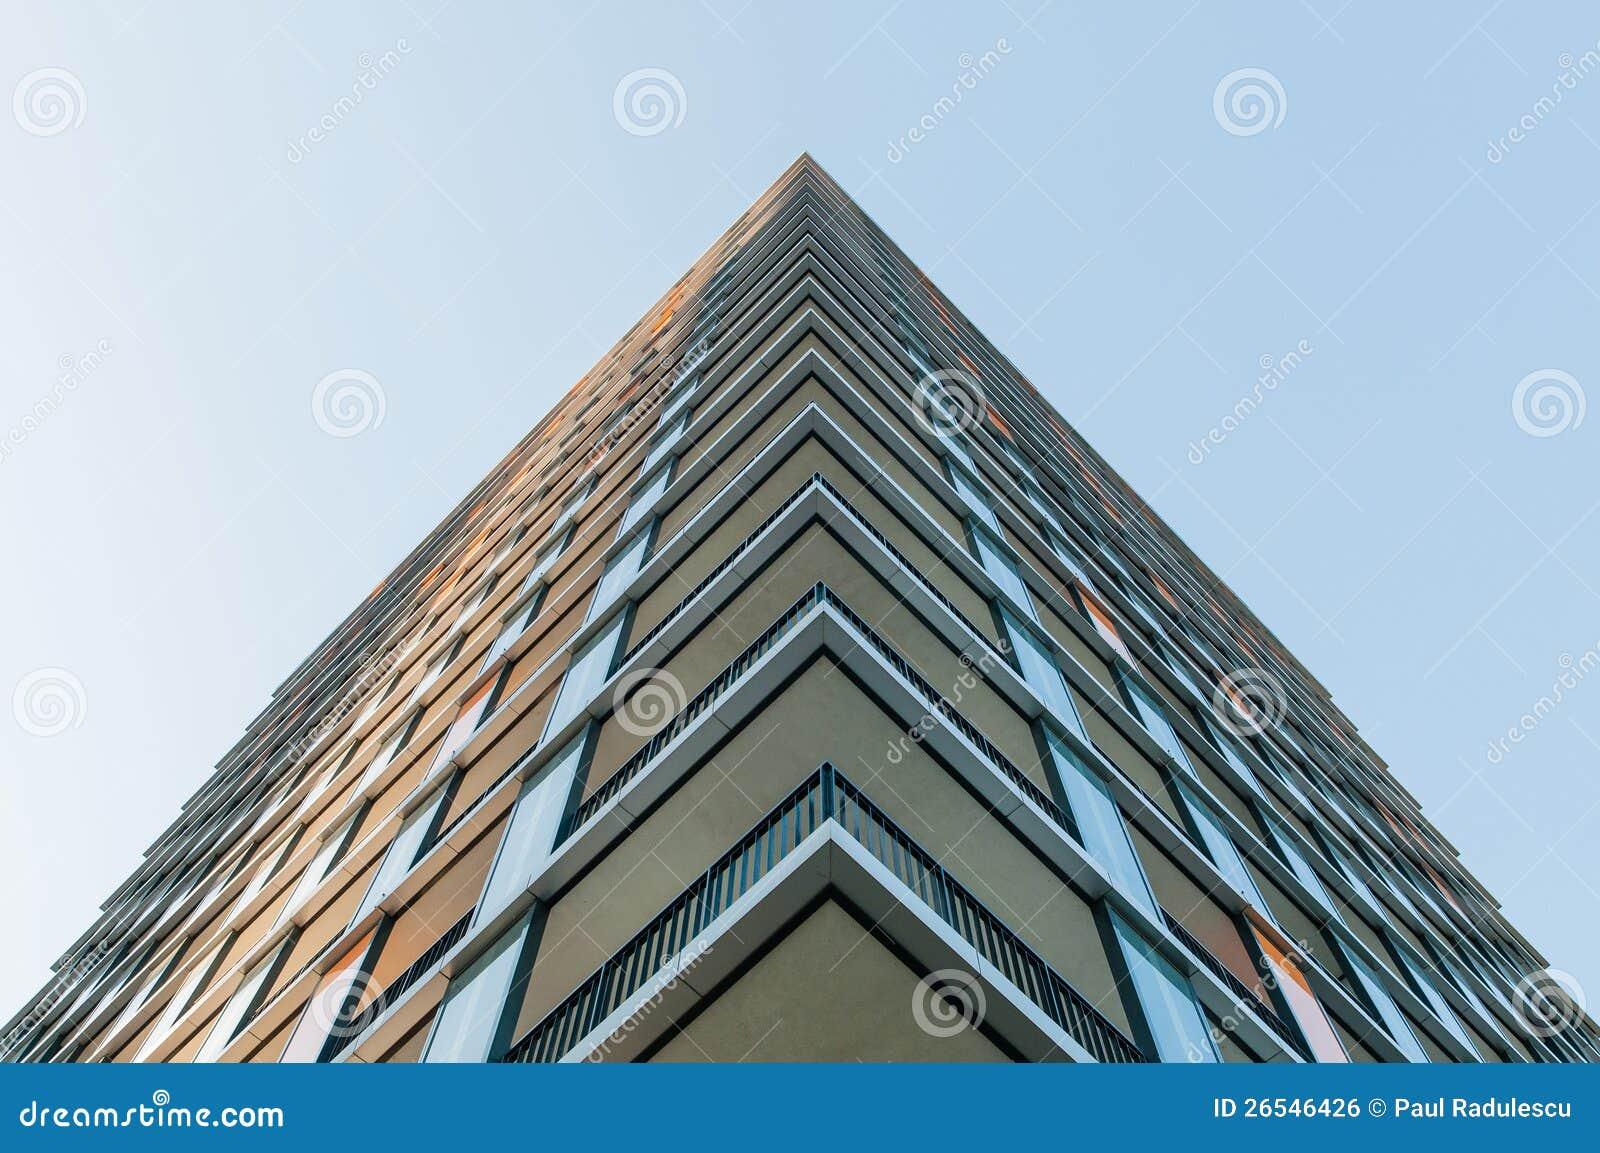 Perspectief van een nieuw modern gebouw royalty vrije stock afbeelding afbeelding 26546426 - Eigentijds gebouw ...